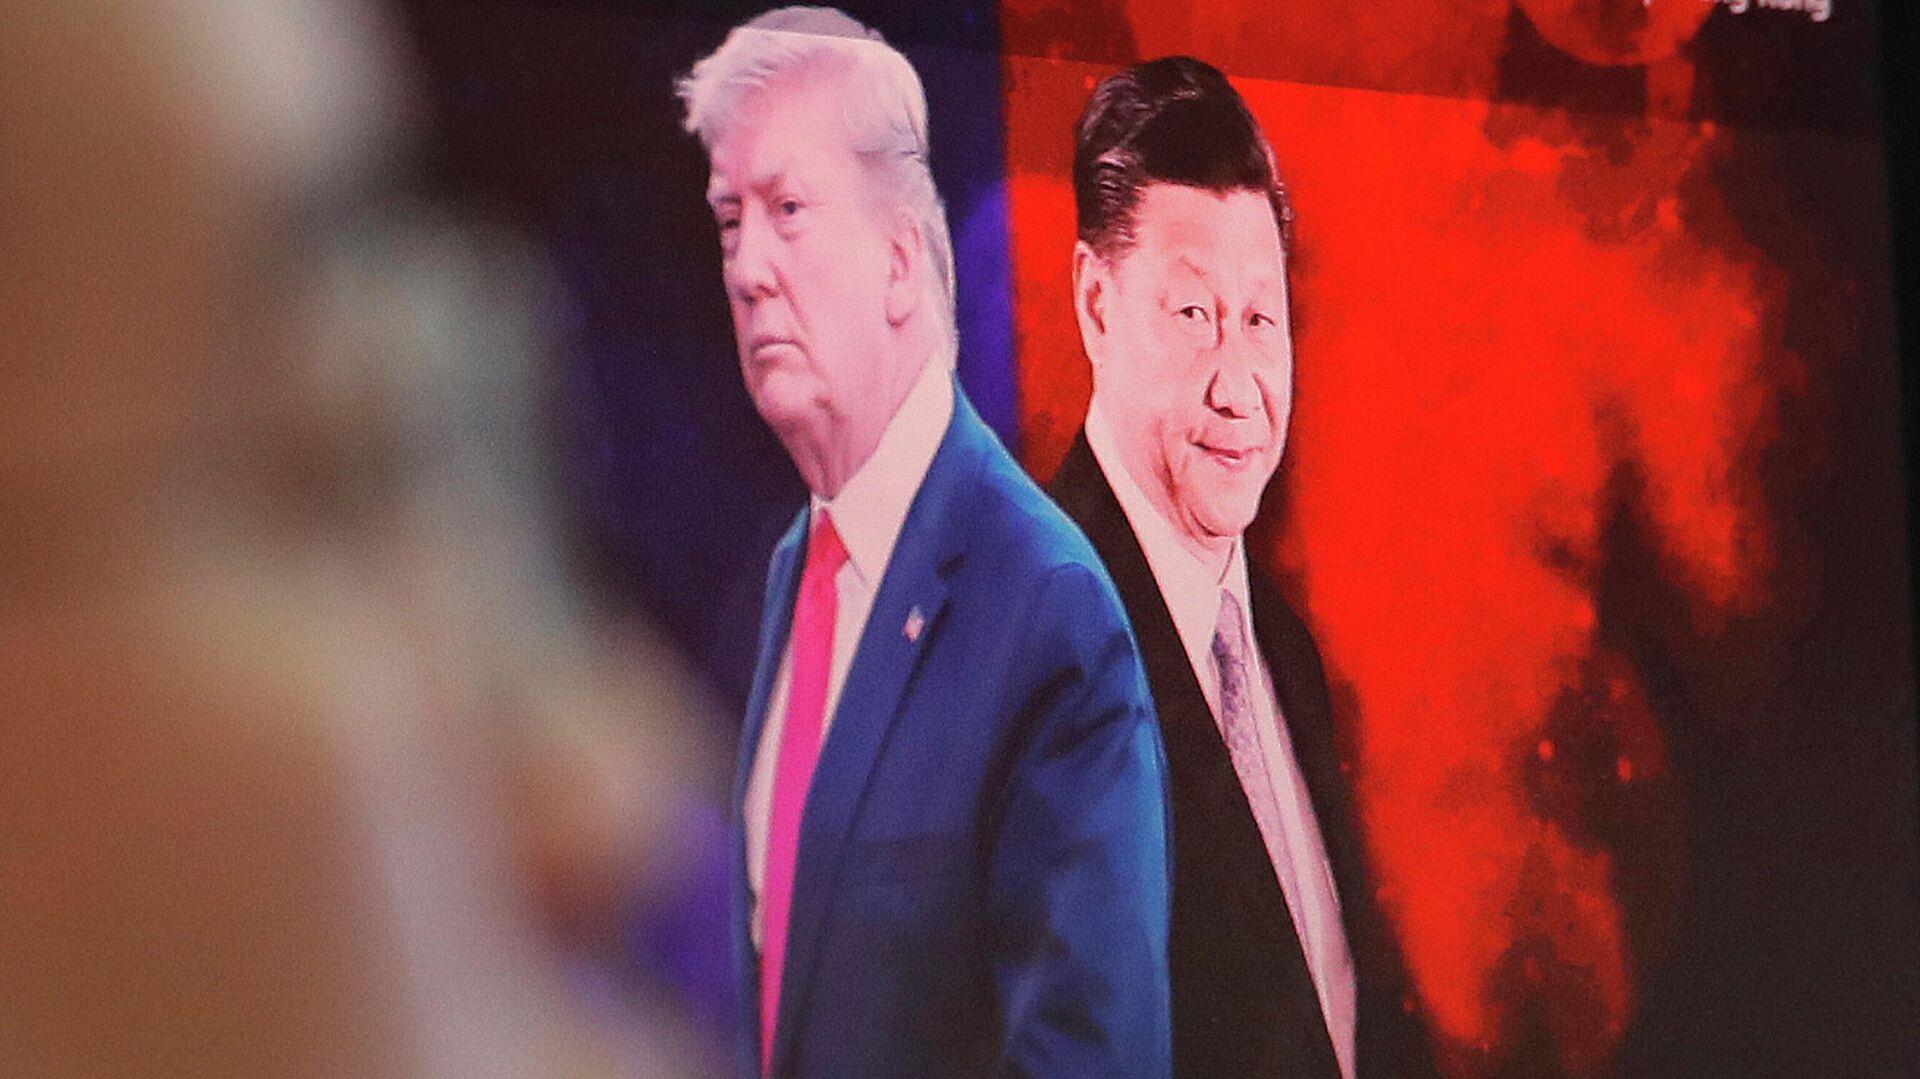 Изображение президента США Дональда Трампа и председателя КНР Си Цзиньпина на мониторе компьютера - РИА Новости, 1920, 22.09.2020